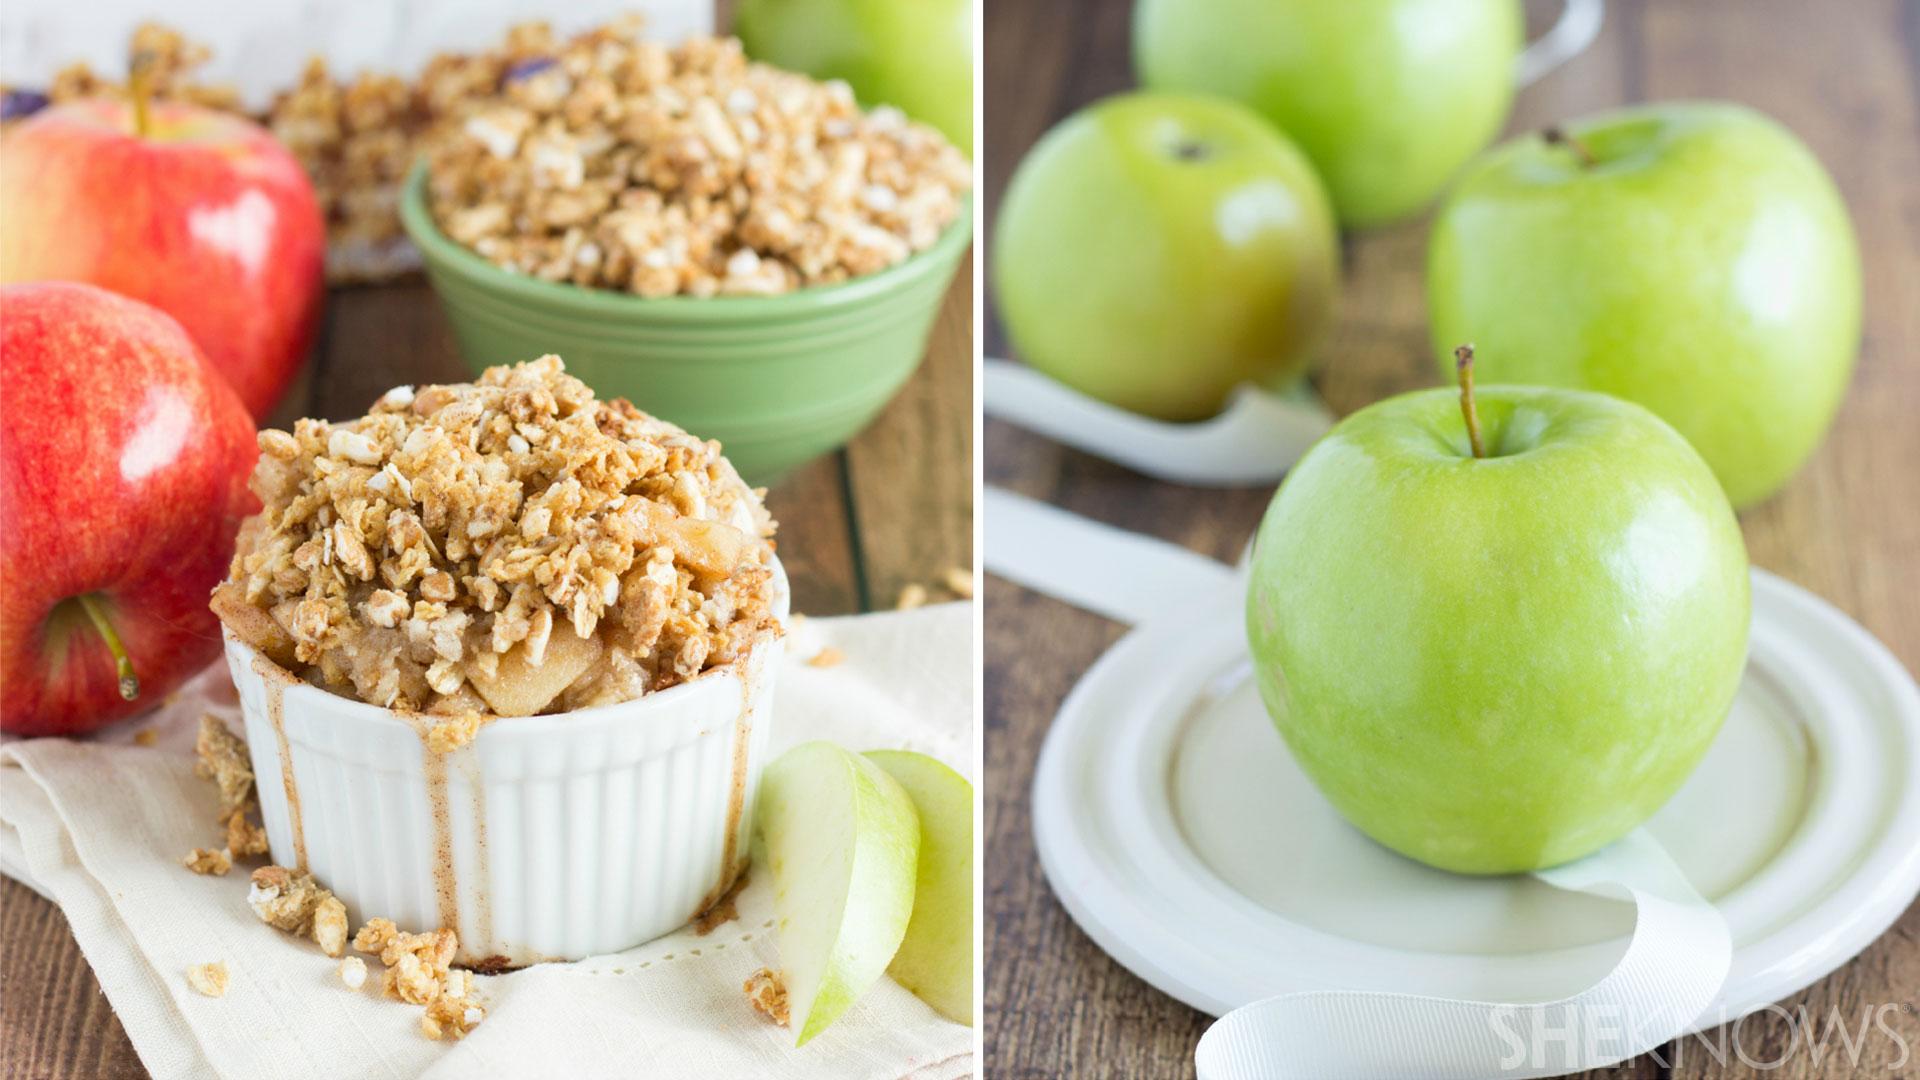 Miniature apple pies